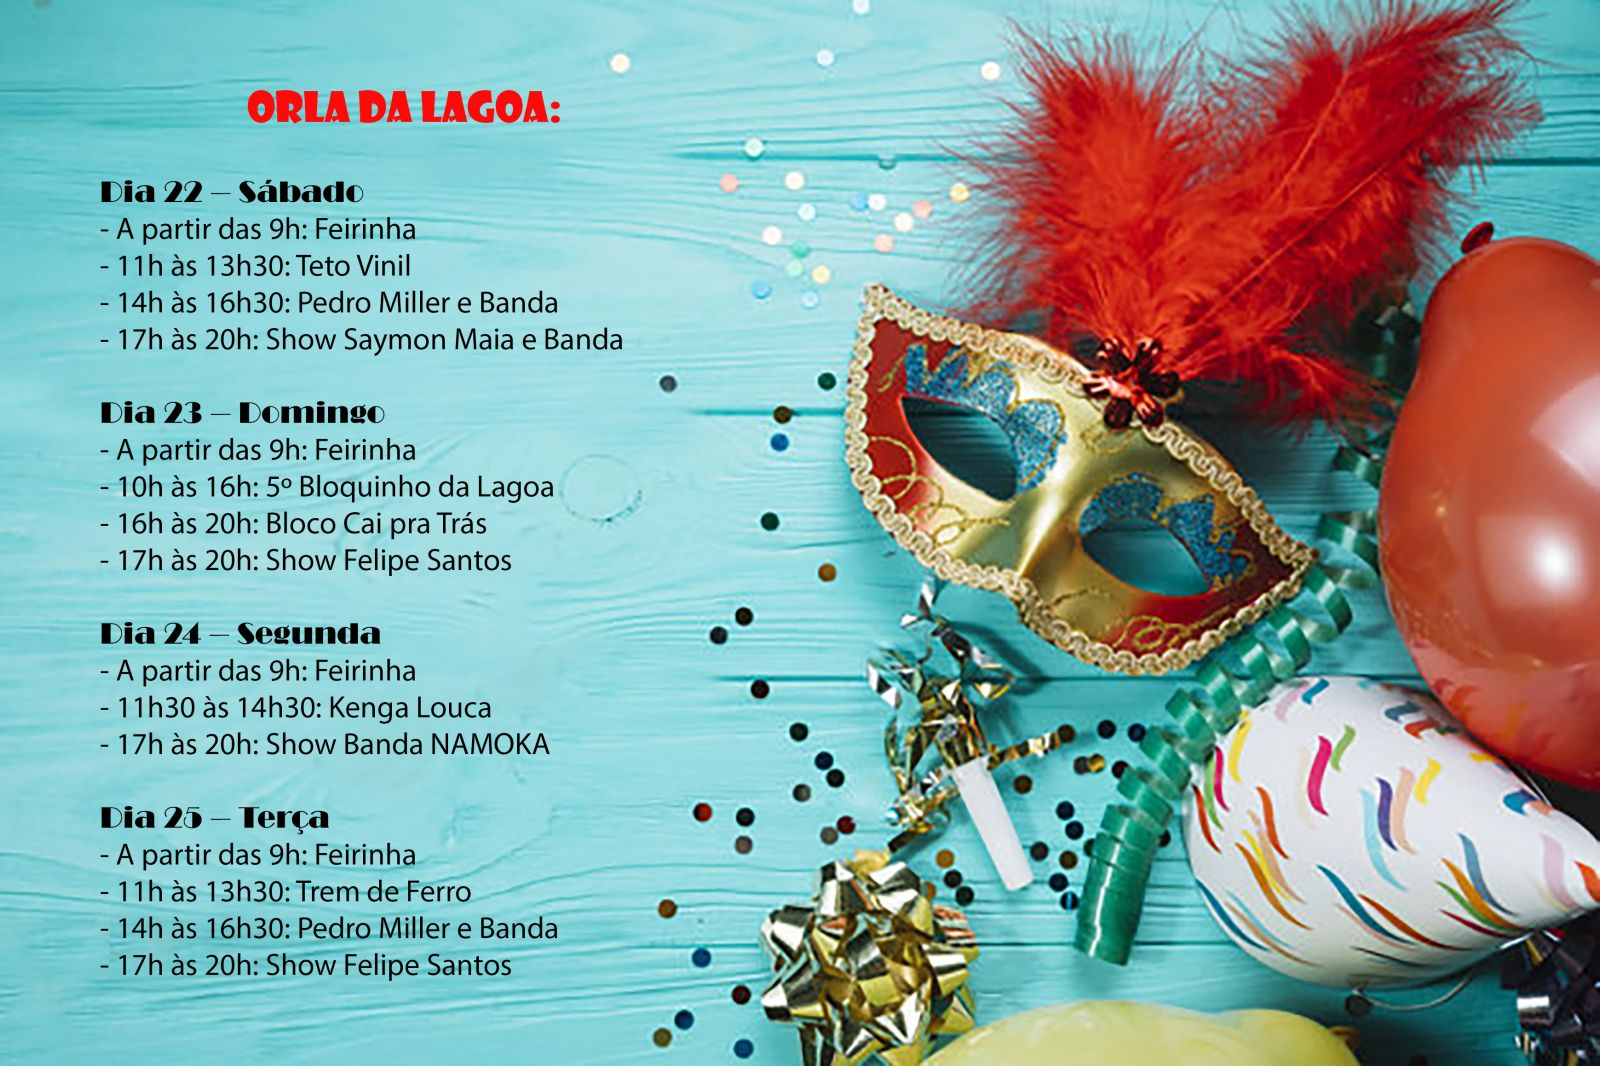 Programação carnaval 2020 orla da Lagoa